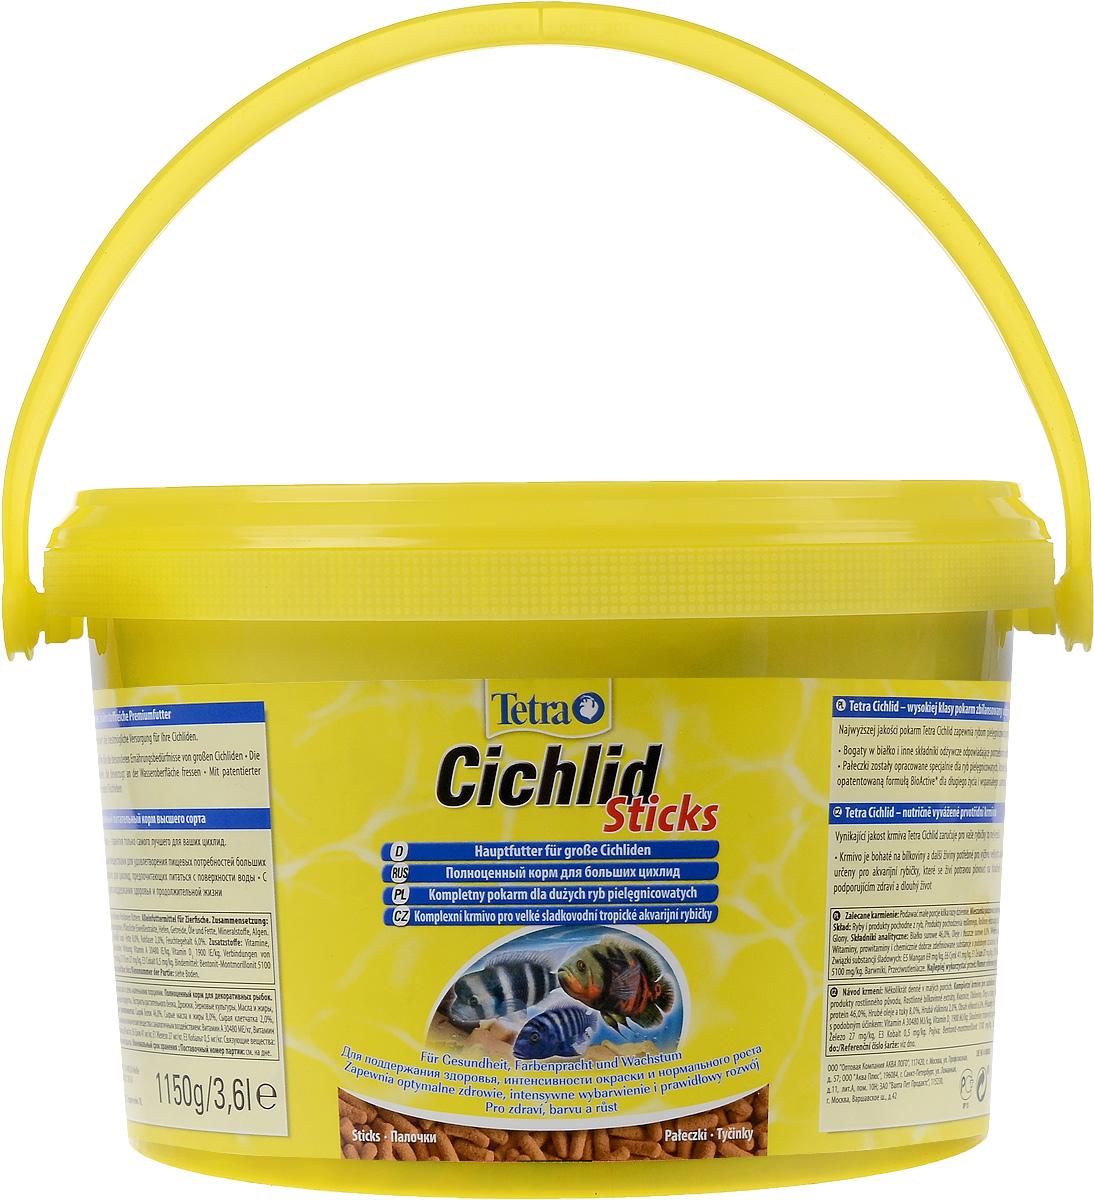 Корм сухой Tetra Cichlid. Sticks для больших цихлид, палочки, 3,6 л (1,15 кг)24Корм Tetra Cichlid. Sticks - это биологически сбалансированный корм в виде палочек, предназначенный для больших цихлид. Корм богат белками и другими питательными веществами для удовлетворения пищевых потребностей больших цихлид,Палочки разработаны специально для цихлид, предпочитающих питаться с поверхности воды. Запатентованная формула BioActive поддерживает здоровую иммунную систему рыб. Рекомендации по кормлению: кормите не менее 2-3 раз в день в таком количестве, которое ваши рыбы могут съесть в течение нескольких минут.Состав: рыба и побочные рыбные продукты, растительные продукты, экстракты растительного белка, дрожжи, зерновые культуры, масла и жиры, водоросли, минеральные вещества. Аналитические компоненты: сырой белок - 46%, сырые масла и жиры - 8%, сырая клетчатка - 2%, влага - 6%. Добавки: витамины, провитамины и химические вещества с аналогичным воздействием, витамин А 30480 МЕ/кг, витамин Д3 1900 МЕ/кг. Комбинации элементов: Е5 Марганец 69 мг/кг, Е6 Цинк 41 мг/кг, Е1 Железо 27 мг/кг, Е3 Кобальт 0,5 мг/кг. Красители, антиоксиданты.Товар сертифицирован.